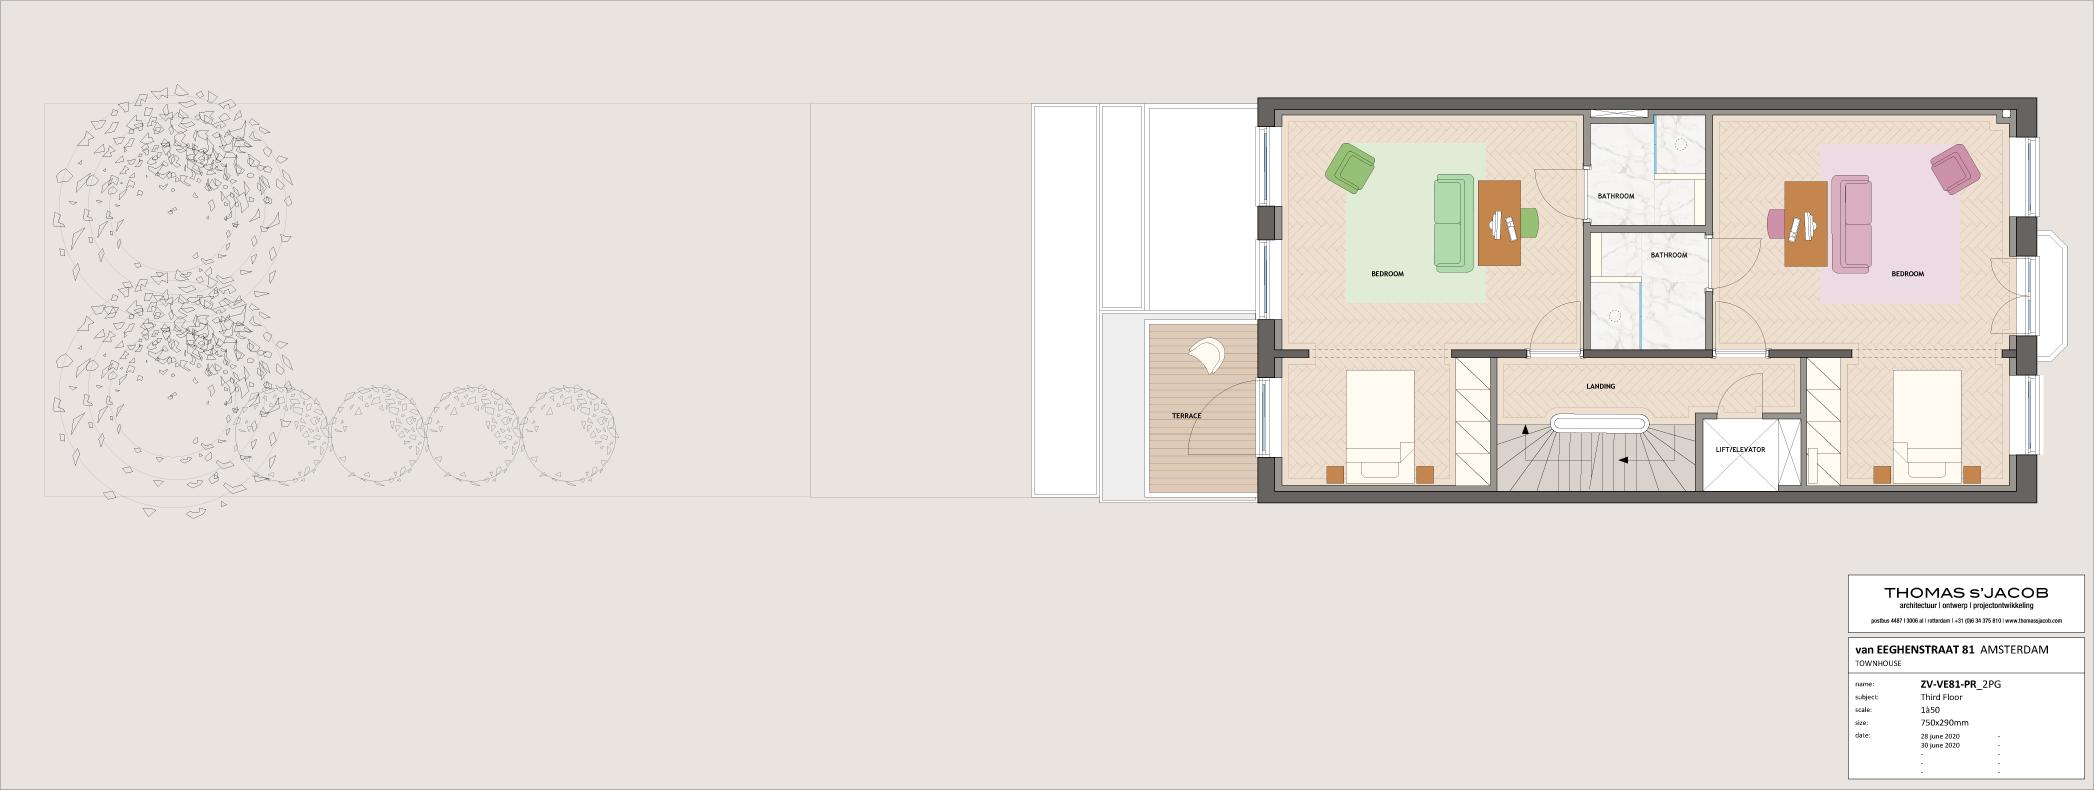 plattegrond van eeghenstraat 81. derde verdieping